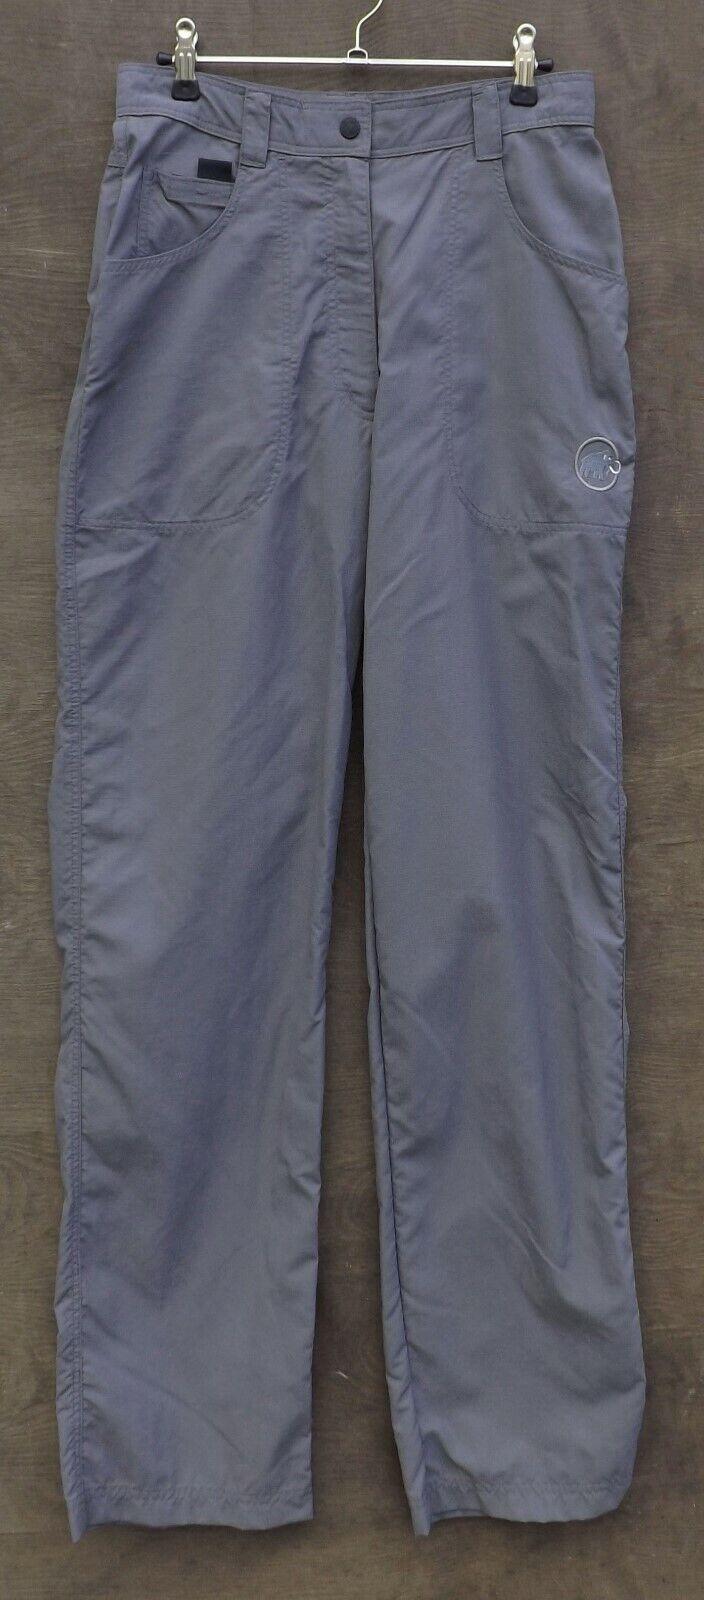 Mammut Sunrise Woherren Pants  Sehr leichte Outdoor- Reisehose für Damen  bark